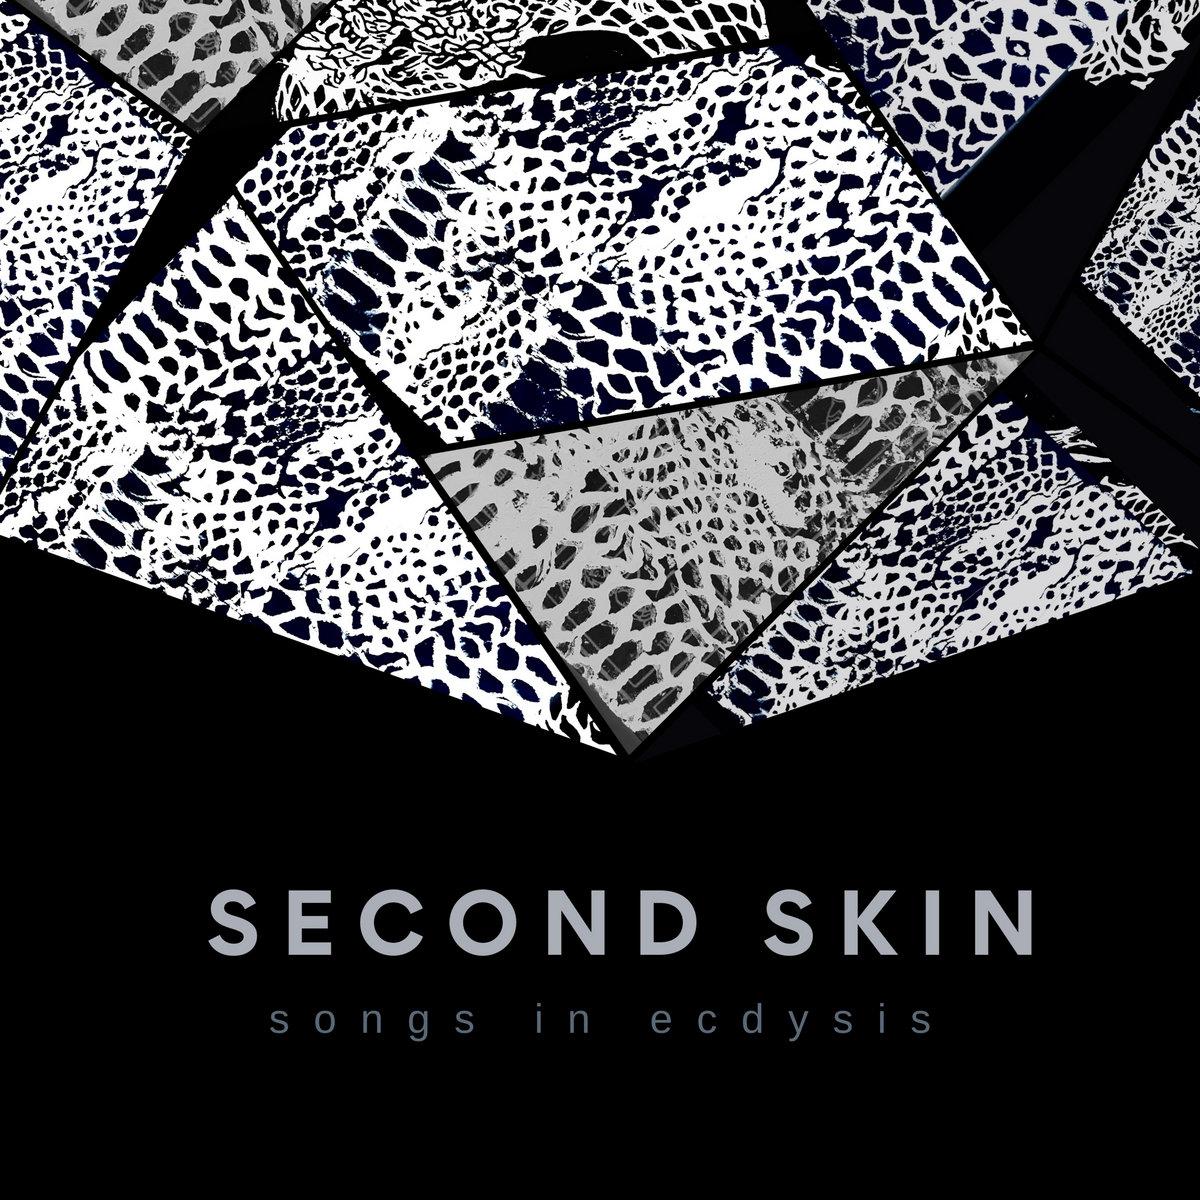 Second Skin Album Cover